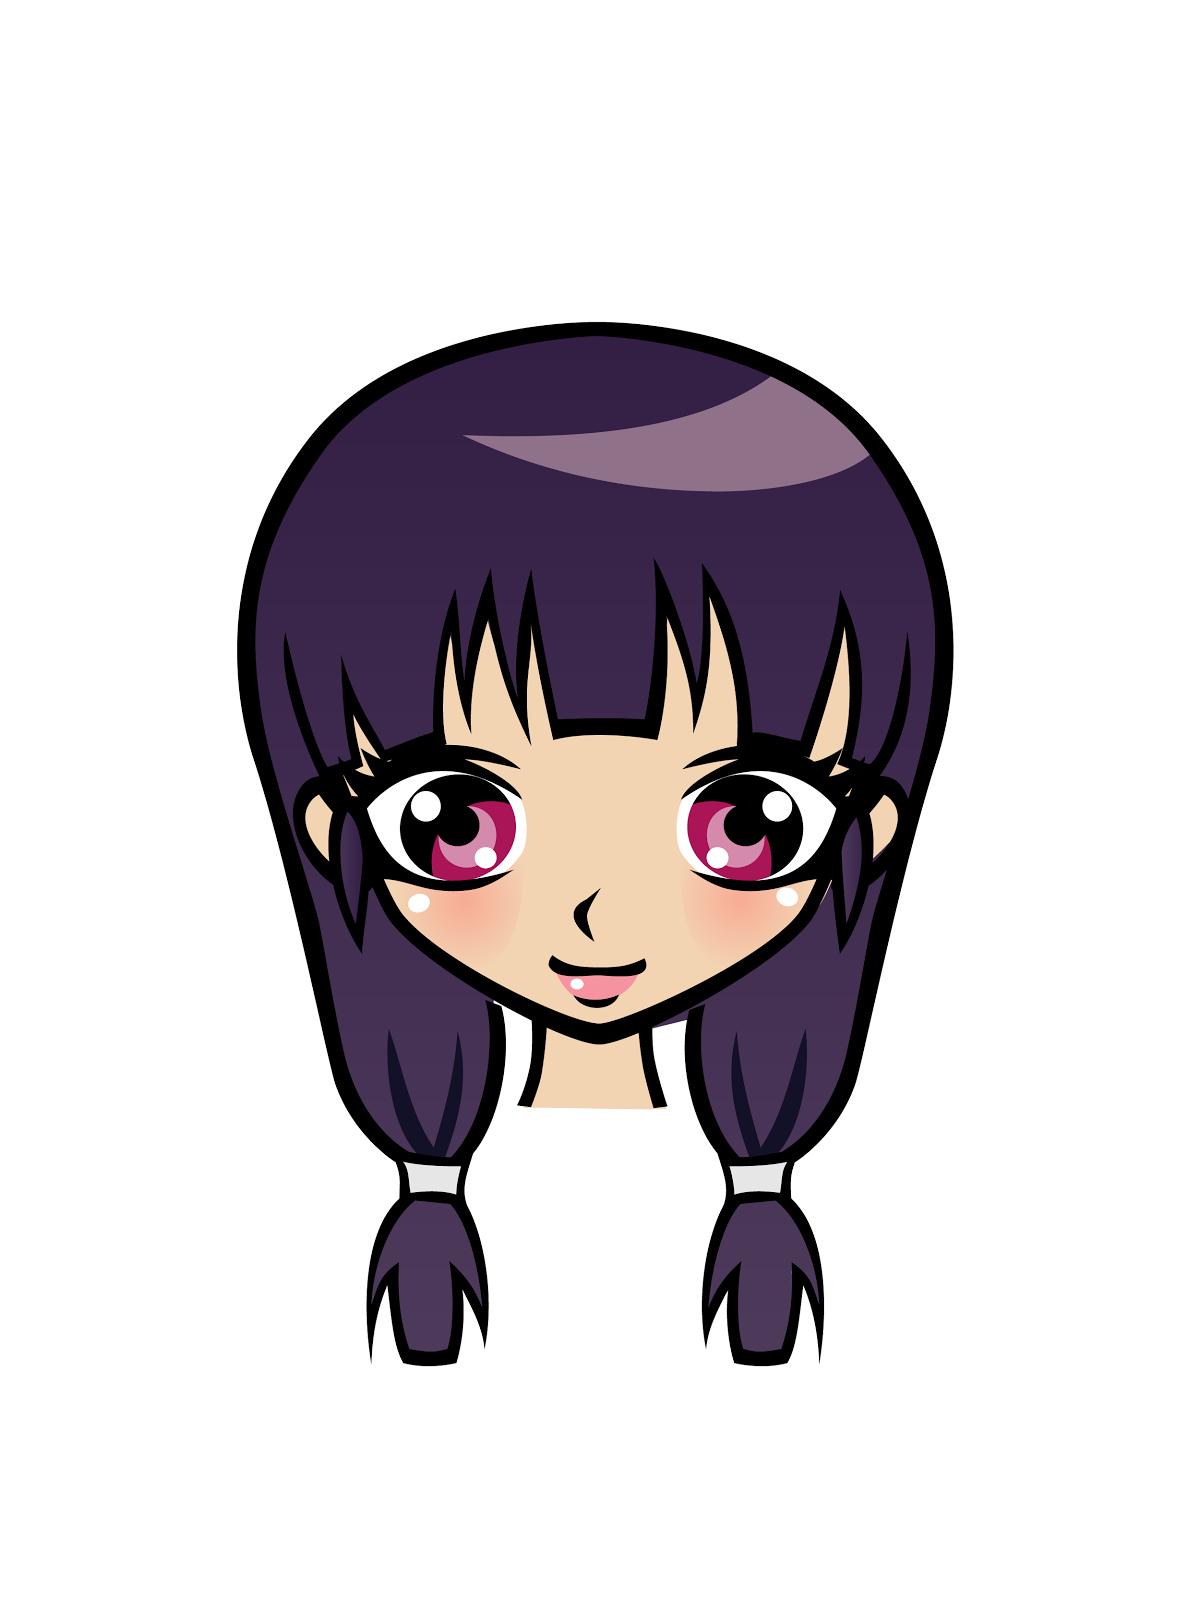 Cute Clipart 20 Free High Resolution Cute Manga Girls -5223